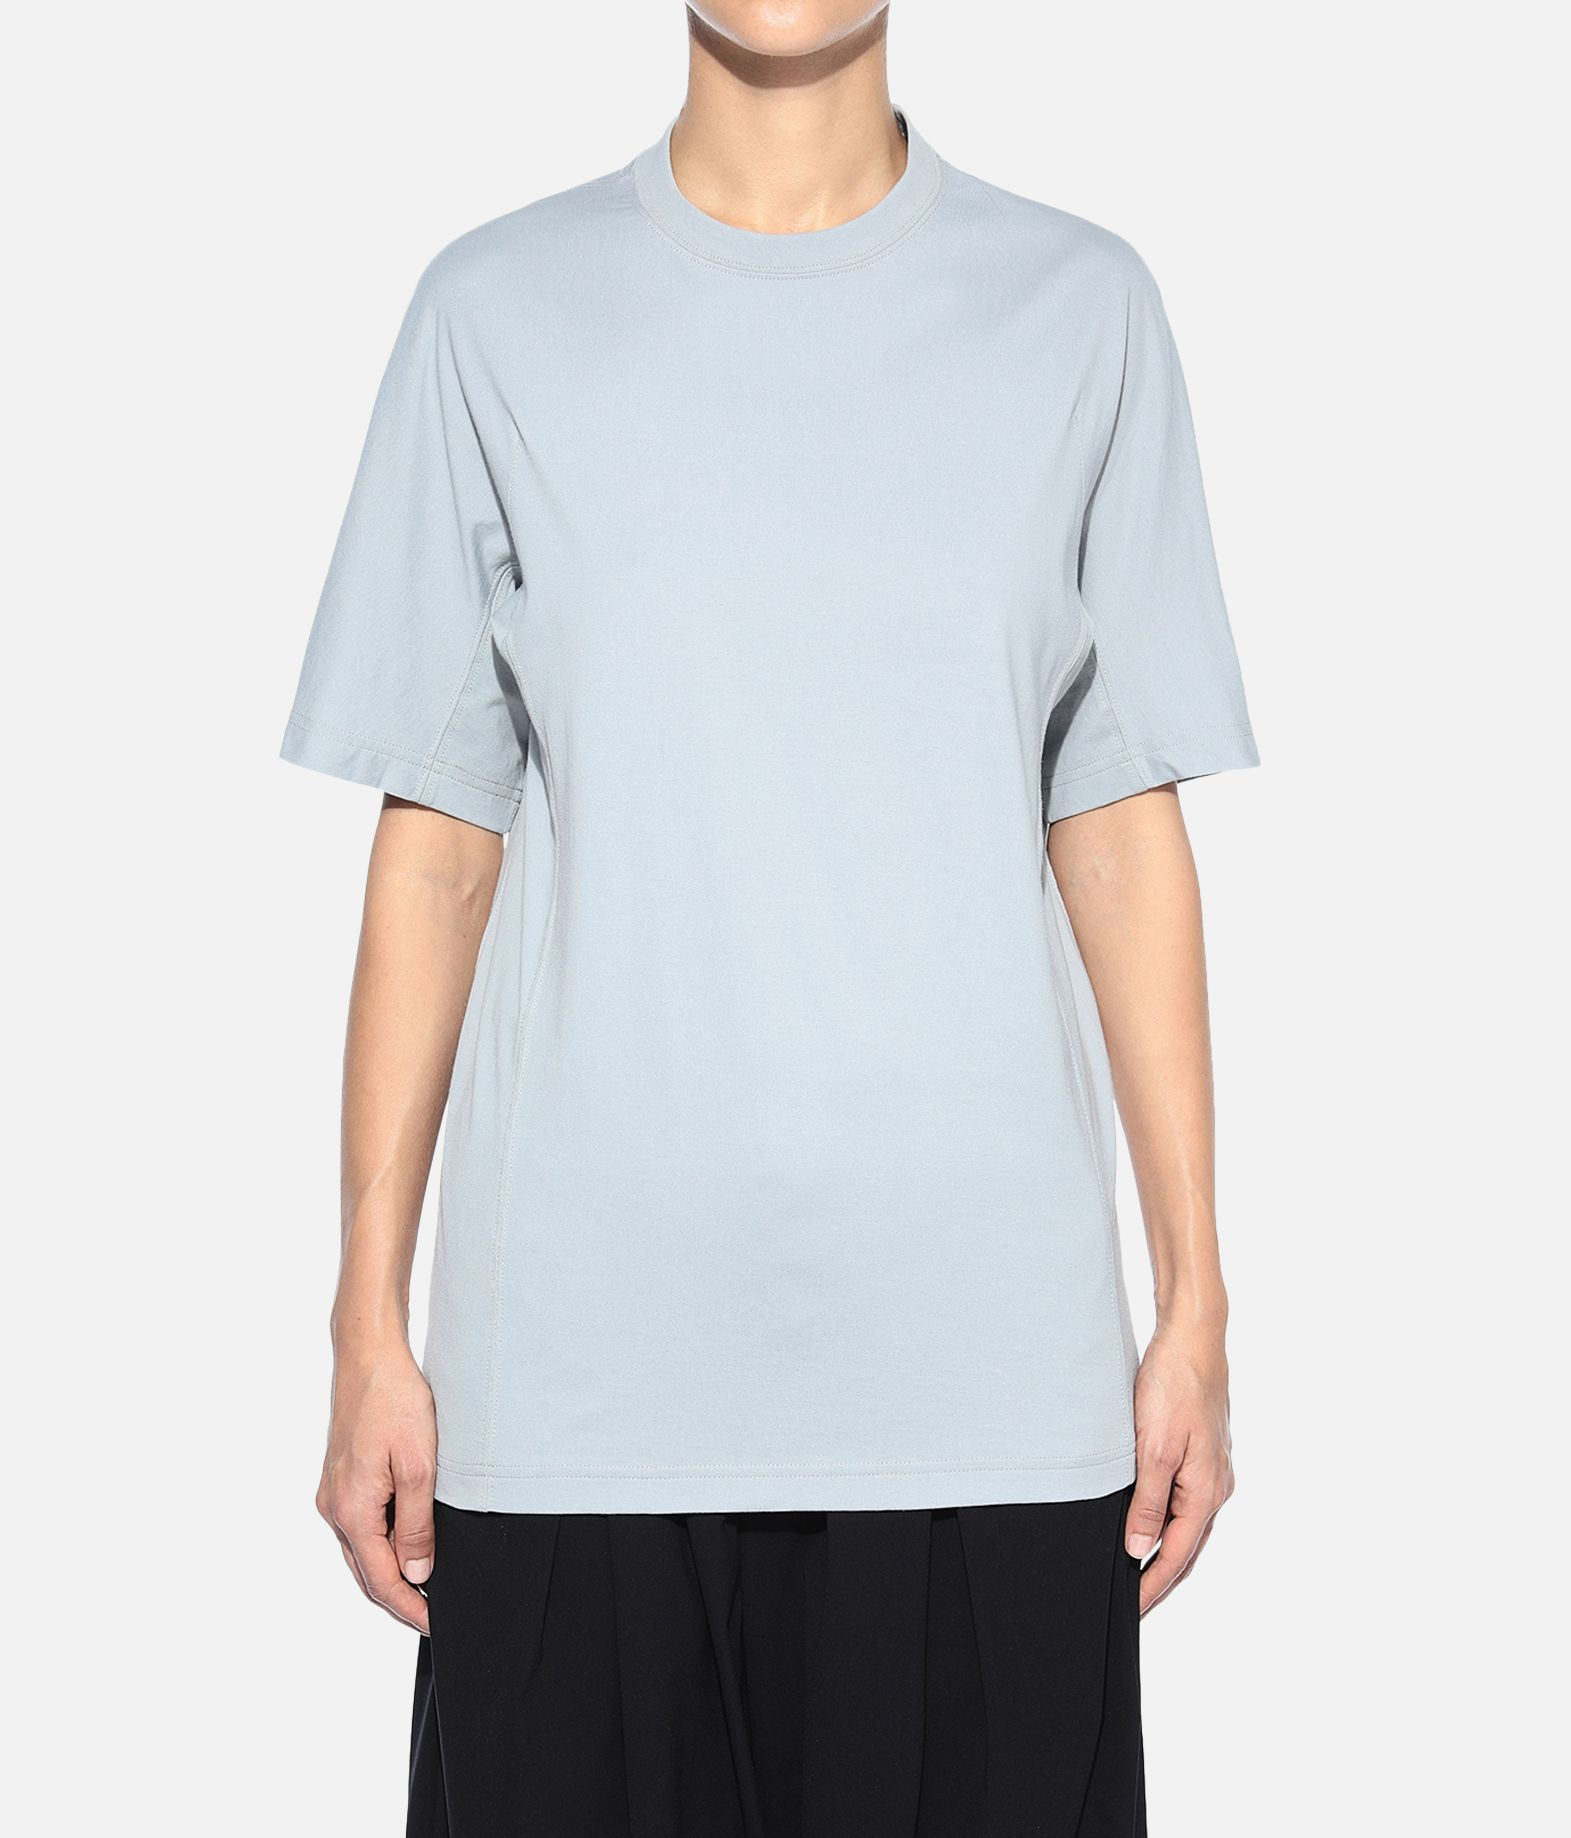 Y-3 Y-3 Classic Tee T-shirt maniche corte Donna r